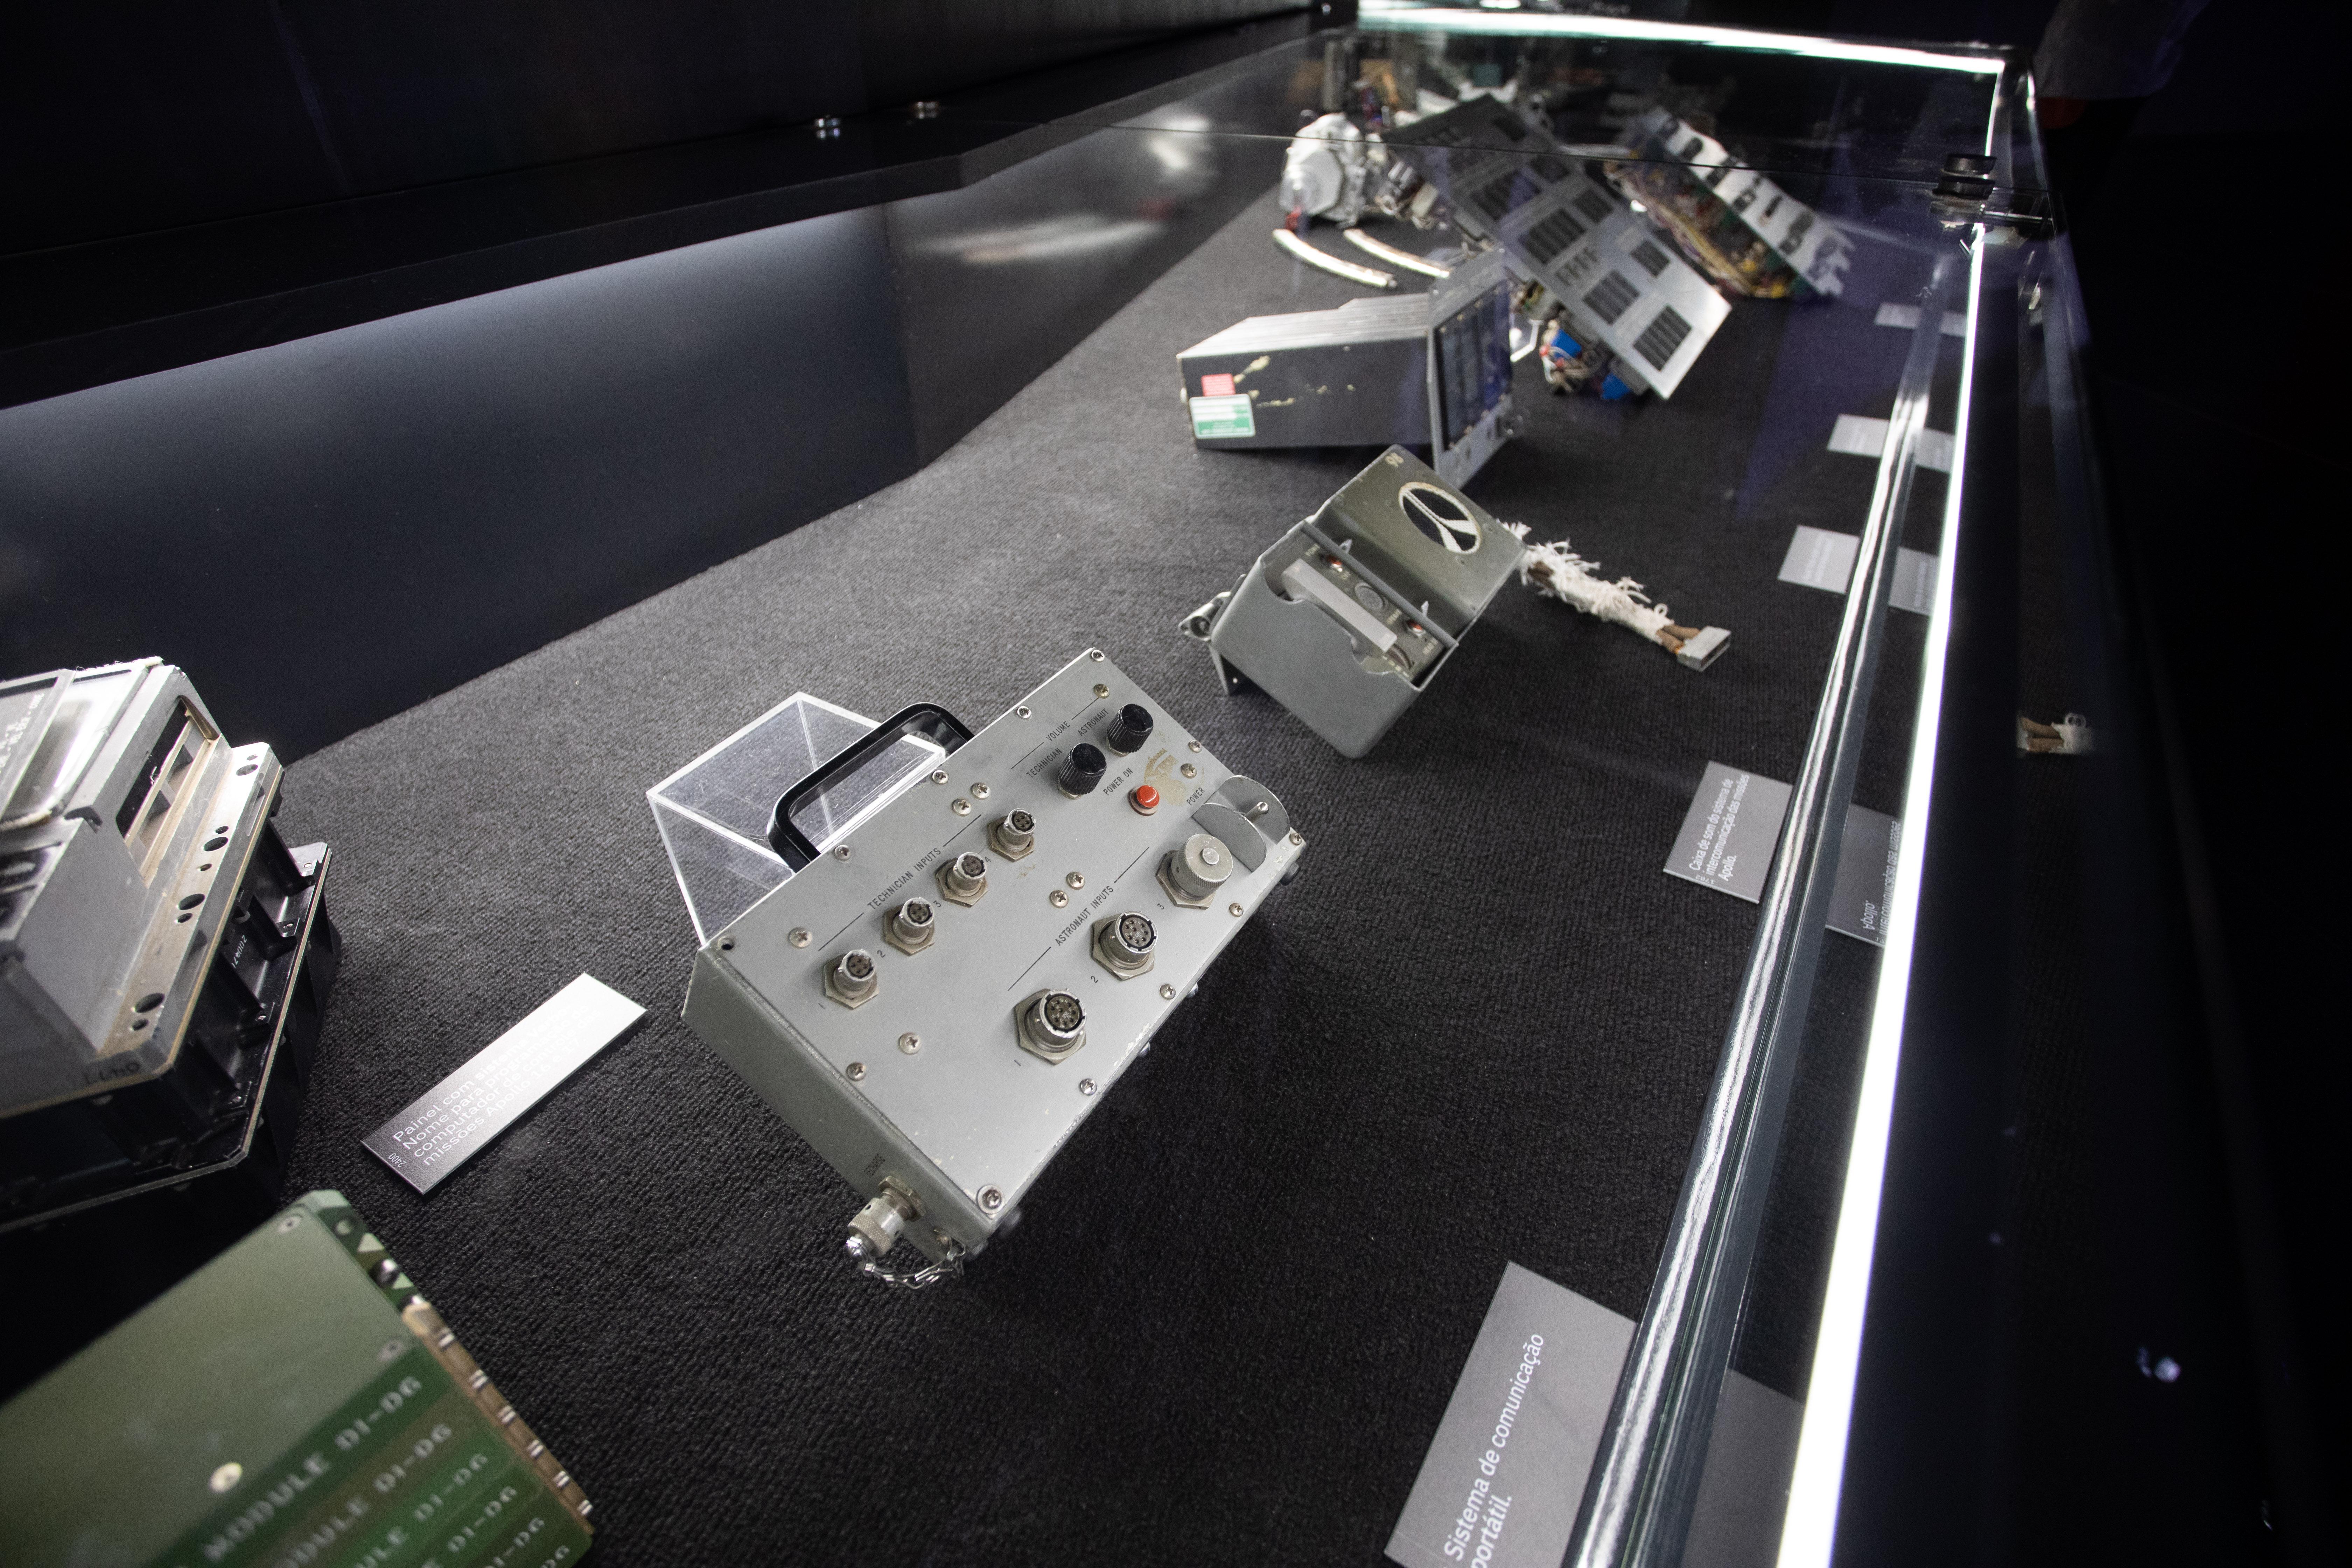 Detalhes da aparelhagem espacial são exibidos no Space Adventure, atração da Nasa em São Paulo.